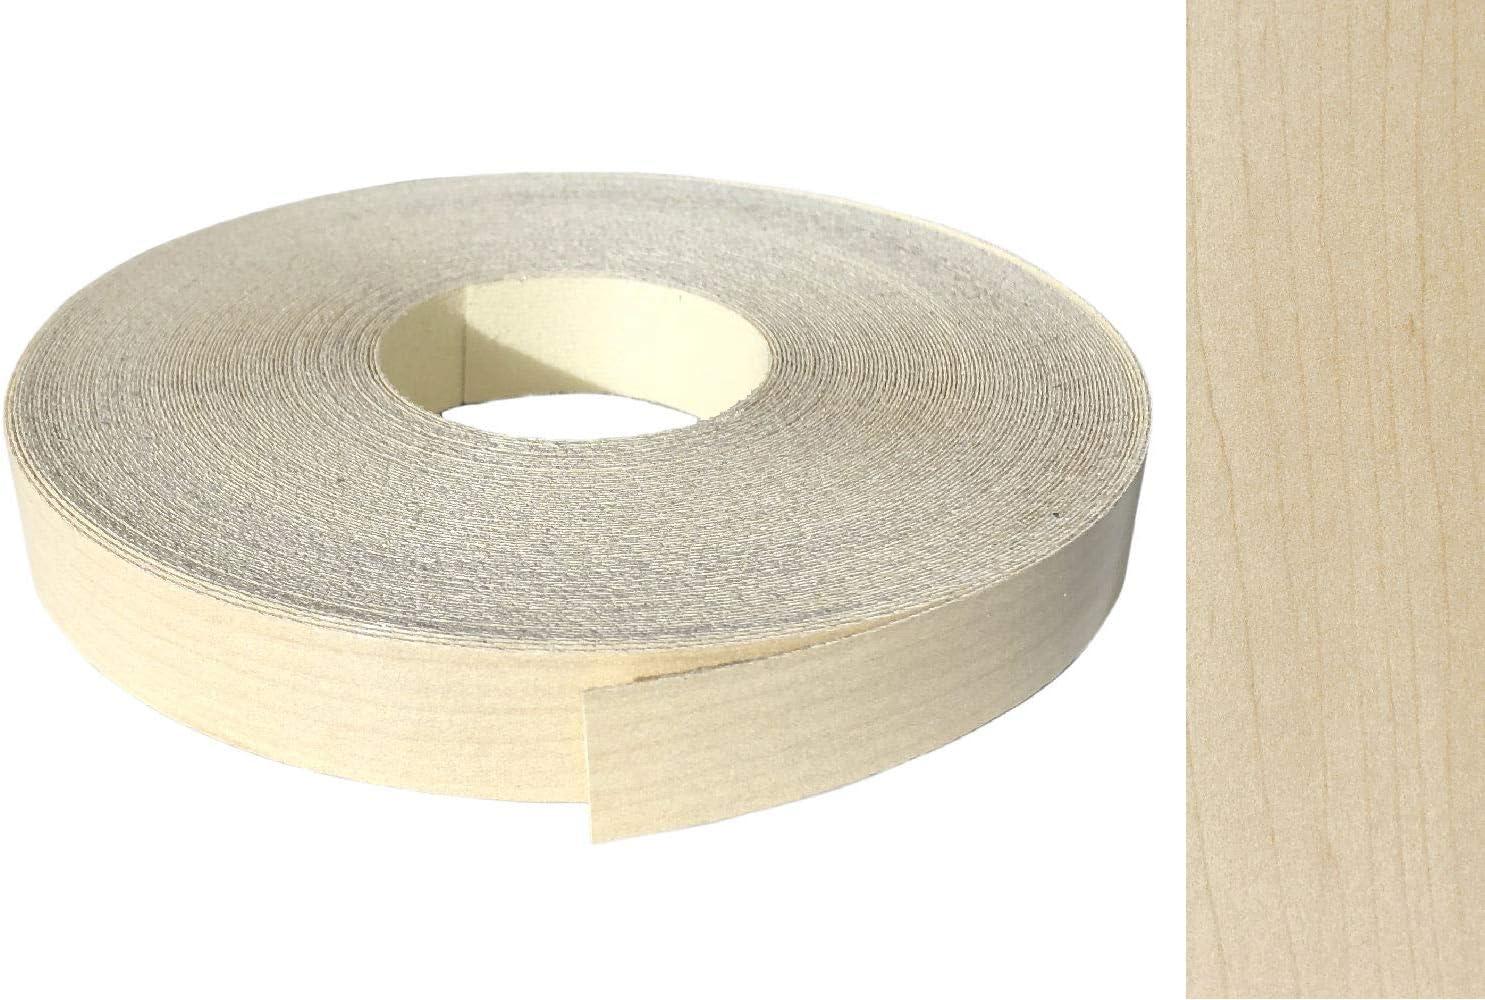 Cantoneras laminadas melamina para rebordes con Greve Roble Real 22 mm Mprofi MT/® 10m rollo